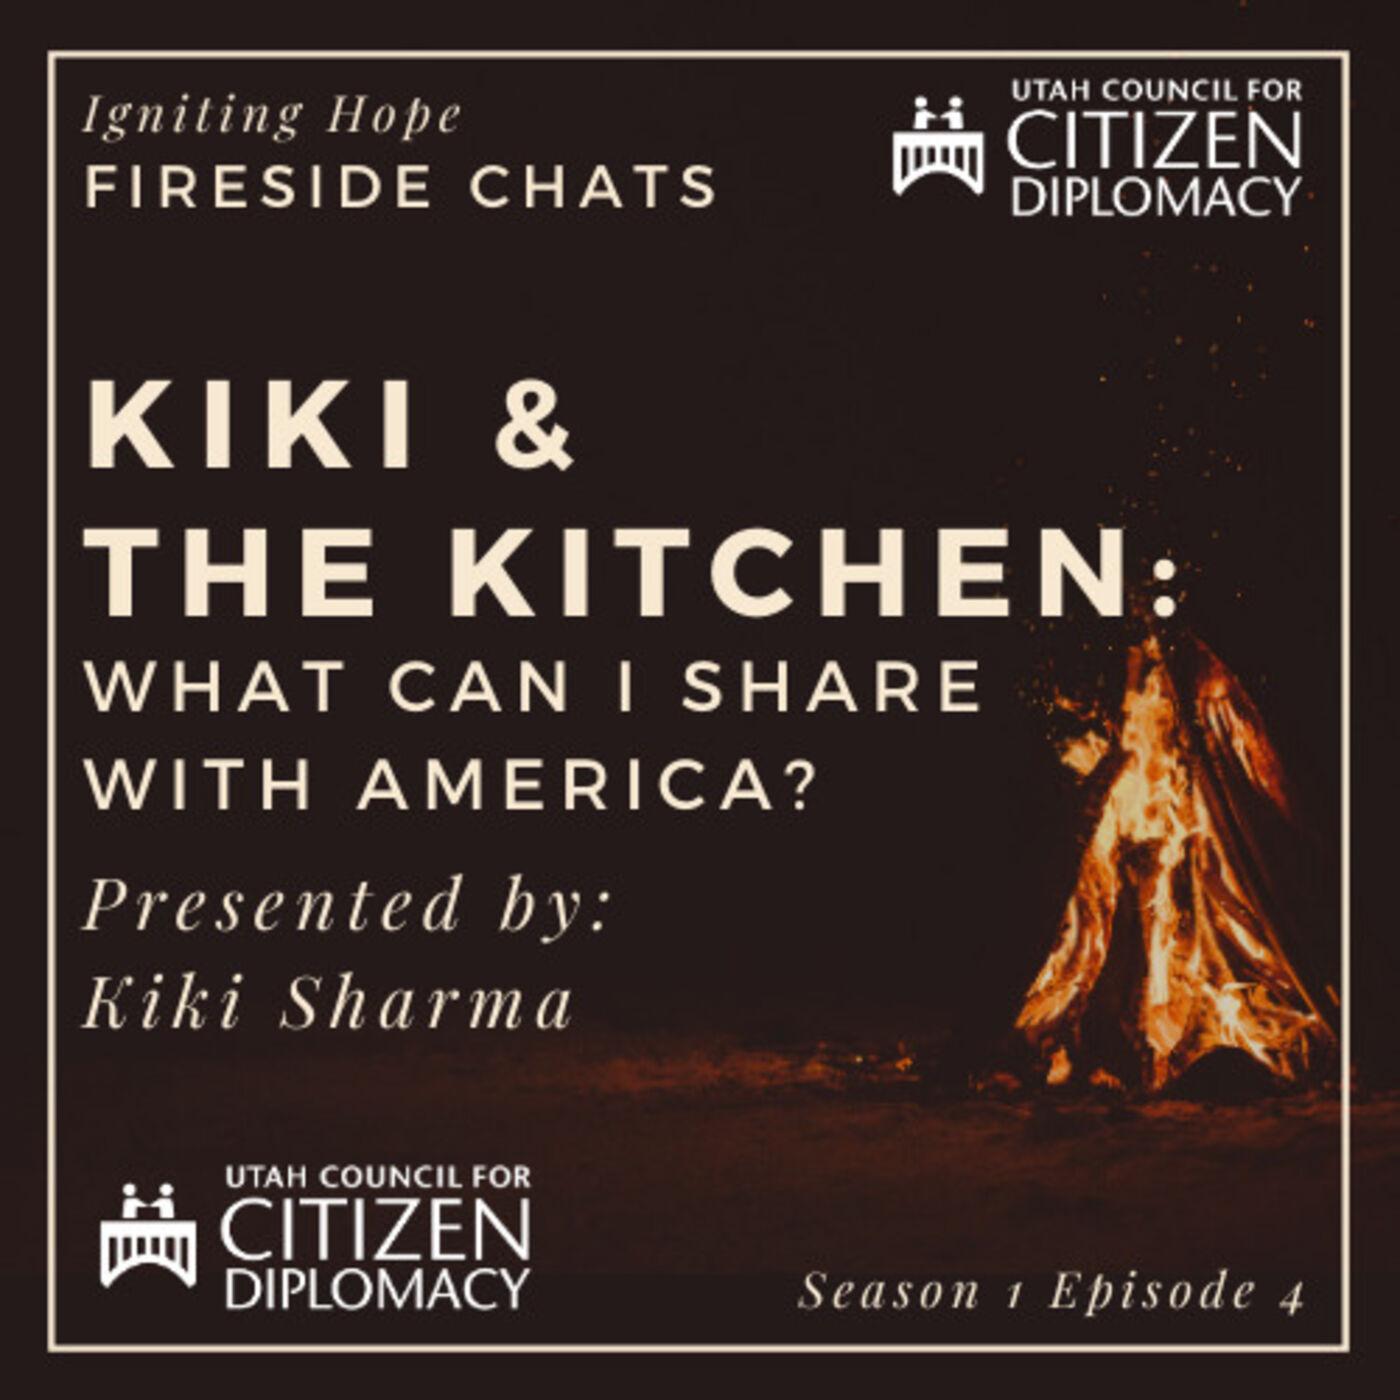 Kiki & the Kitchen